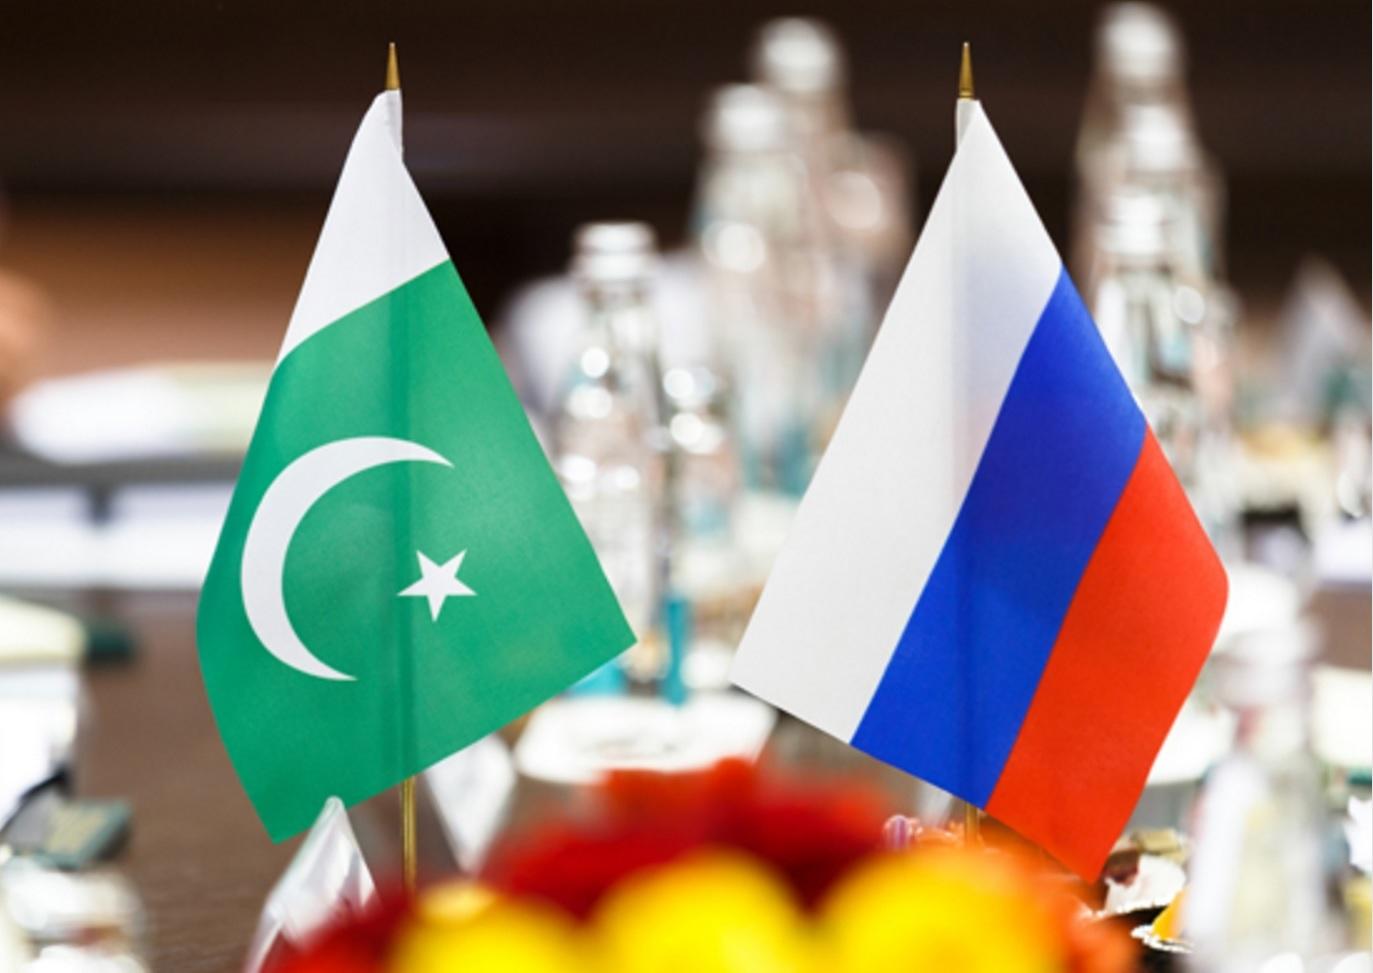 Pakistan-Russia Strategic Bonds Make Pivotal Openings By Syed Qamar Afzal Rizvi